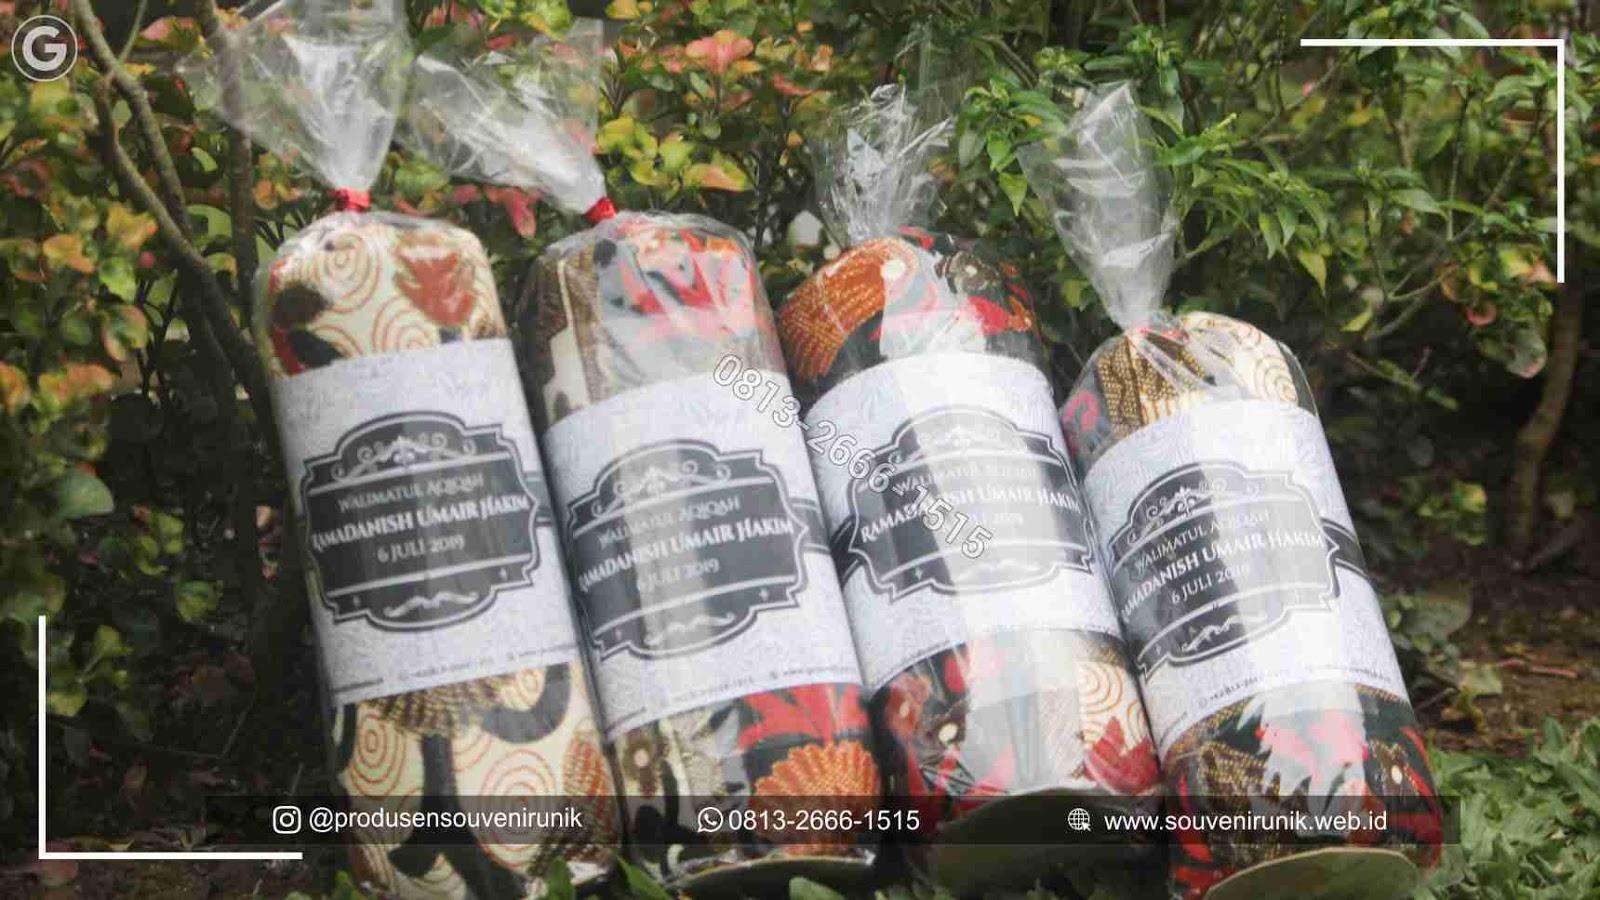 +62 813-2666-1515 |  souvenir pengajian